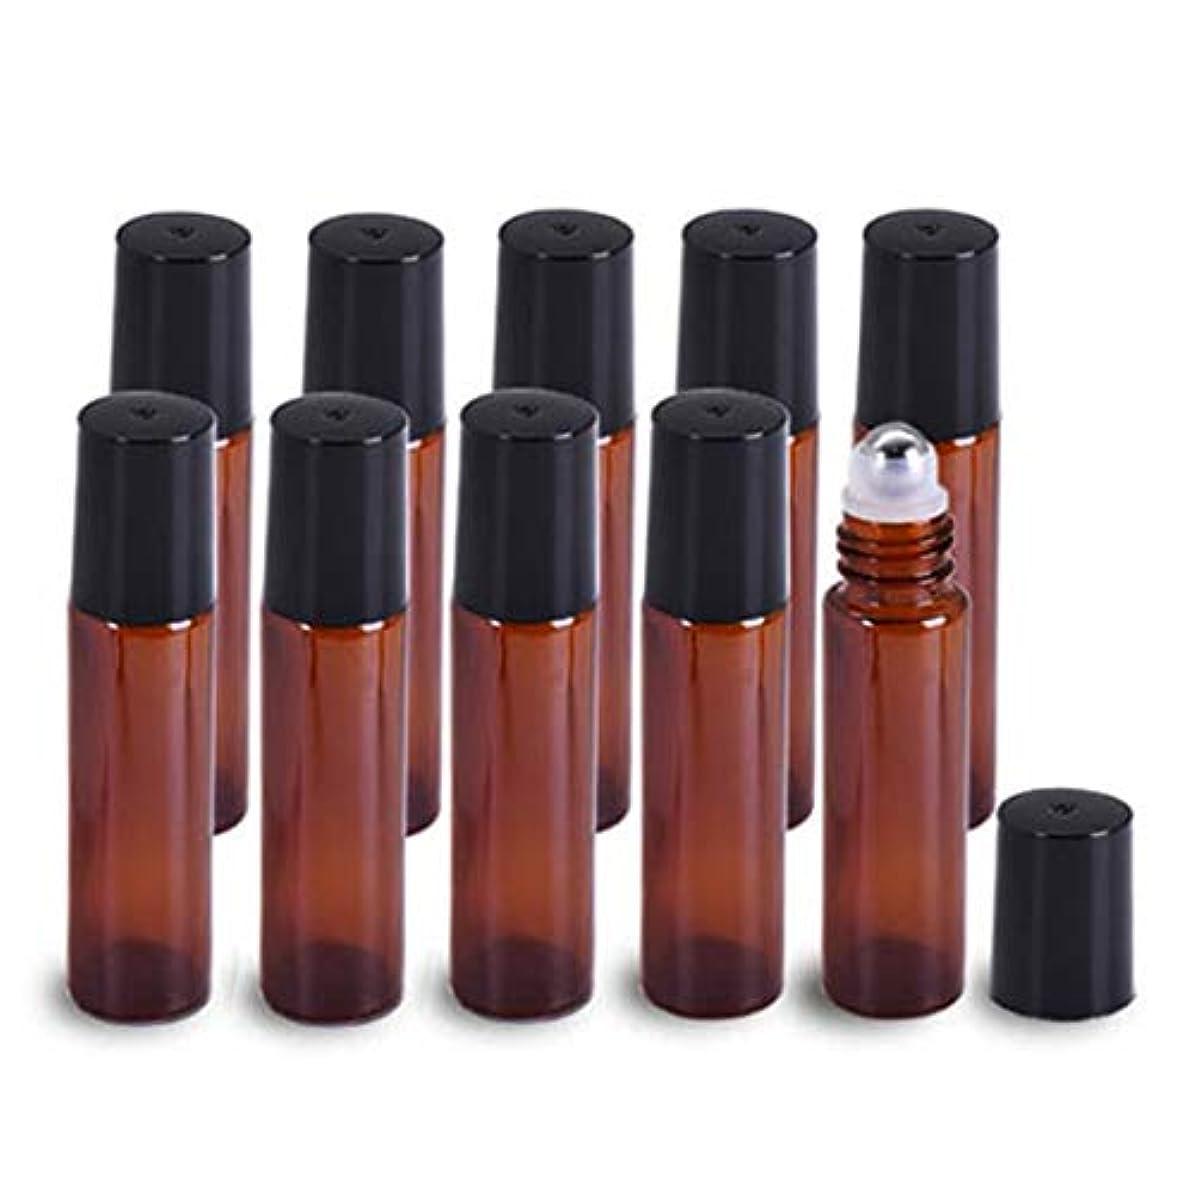 タイルピクニックバルーンYiteng ロールオンボトル アロマオイル アロマボトル ガラスロールタイプ 遮光瓶 保存容器 小分け用 茶色 収納ケース付き 10ml 10本セット